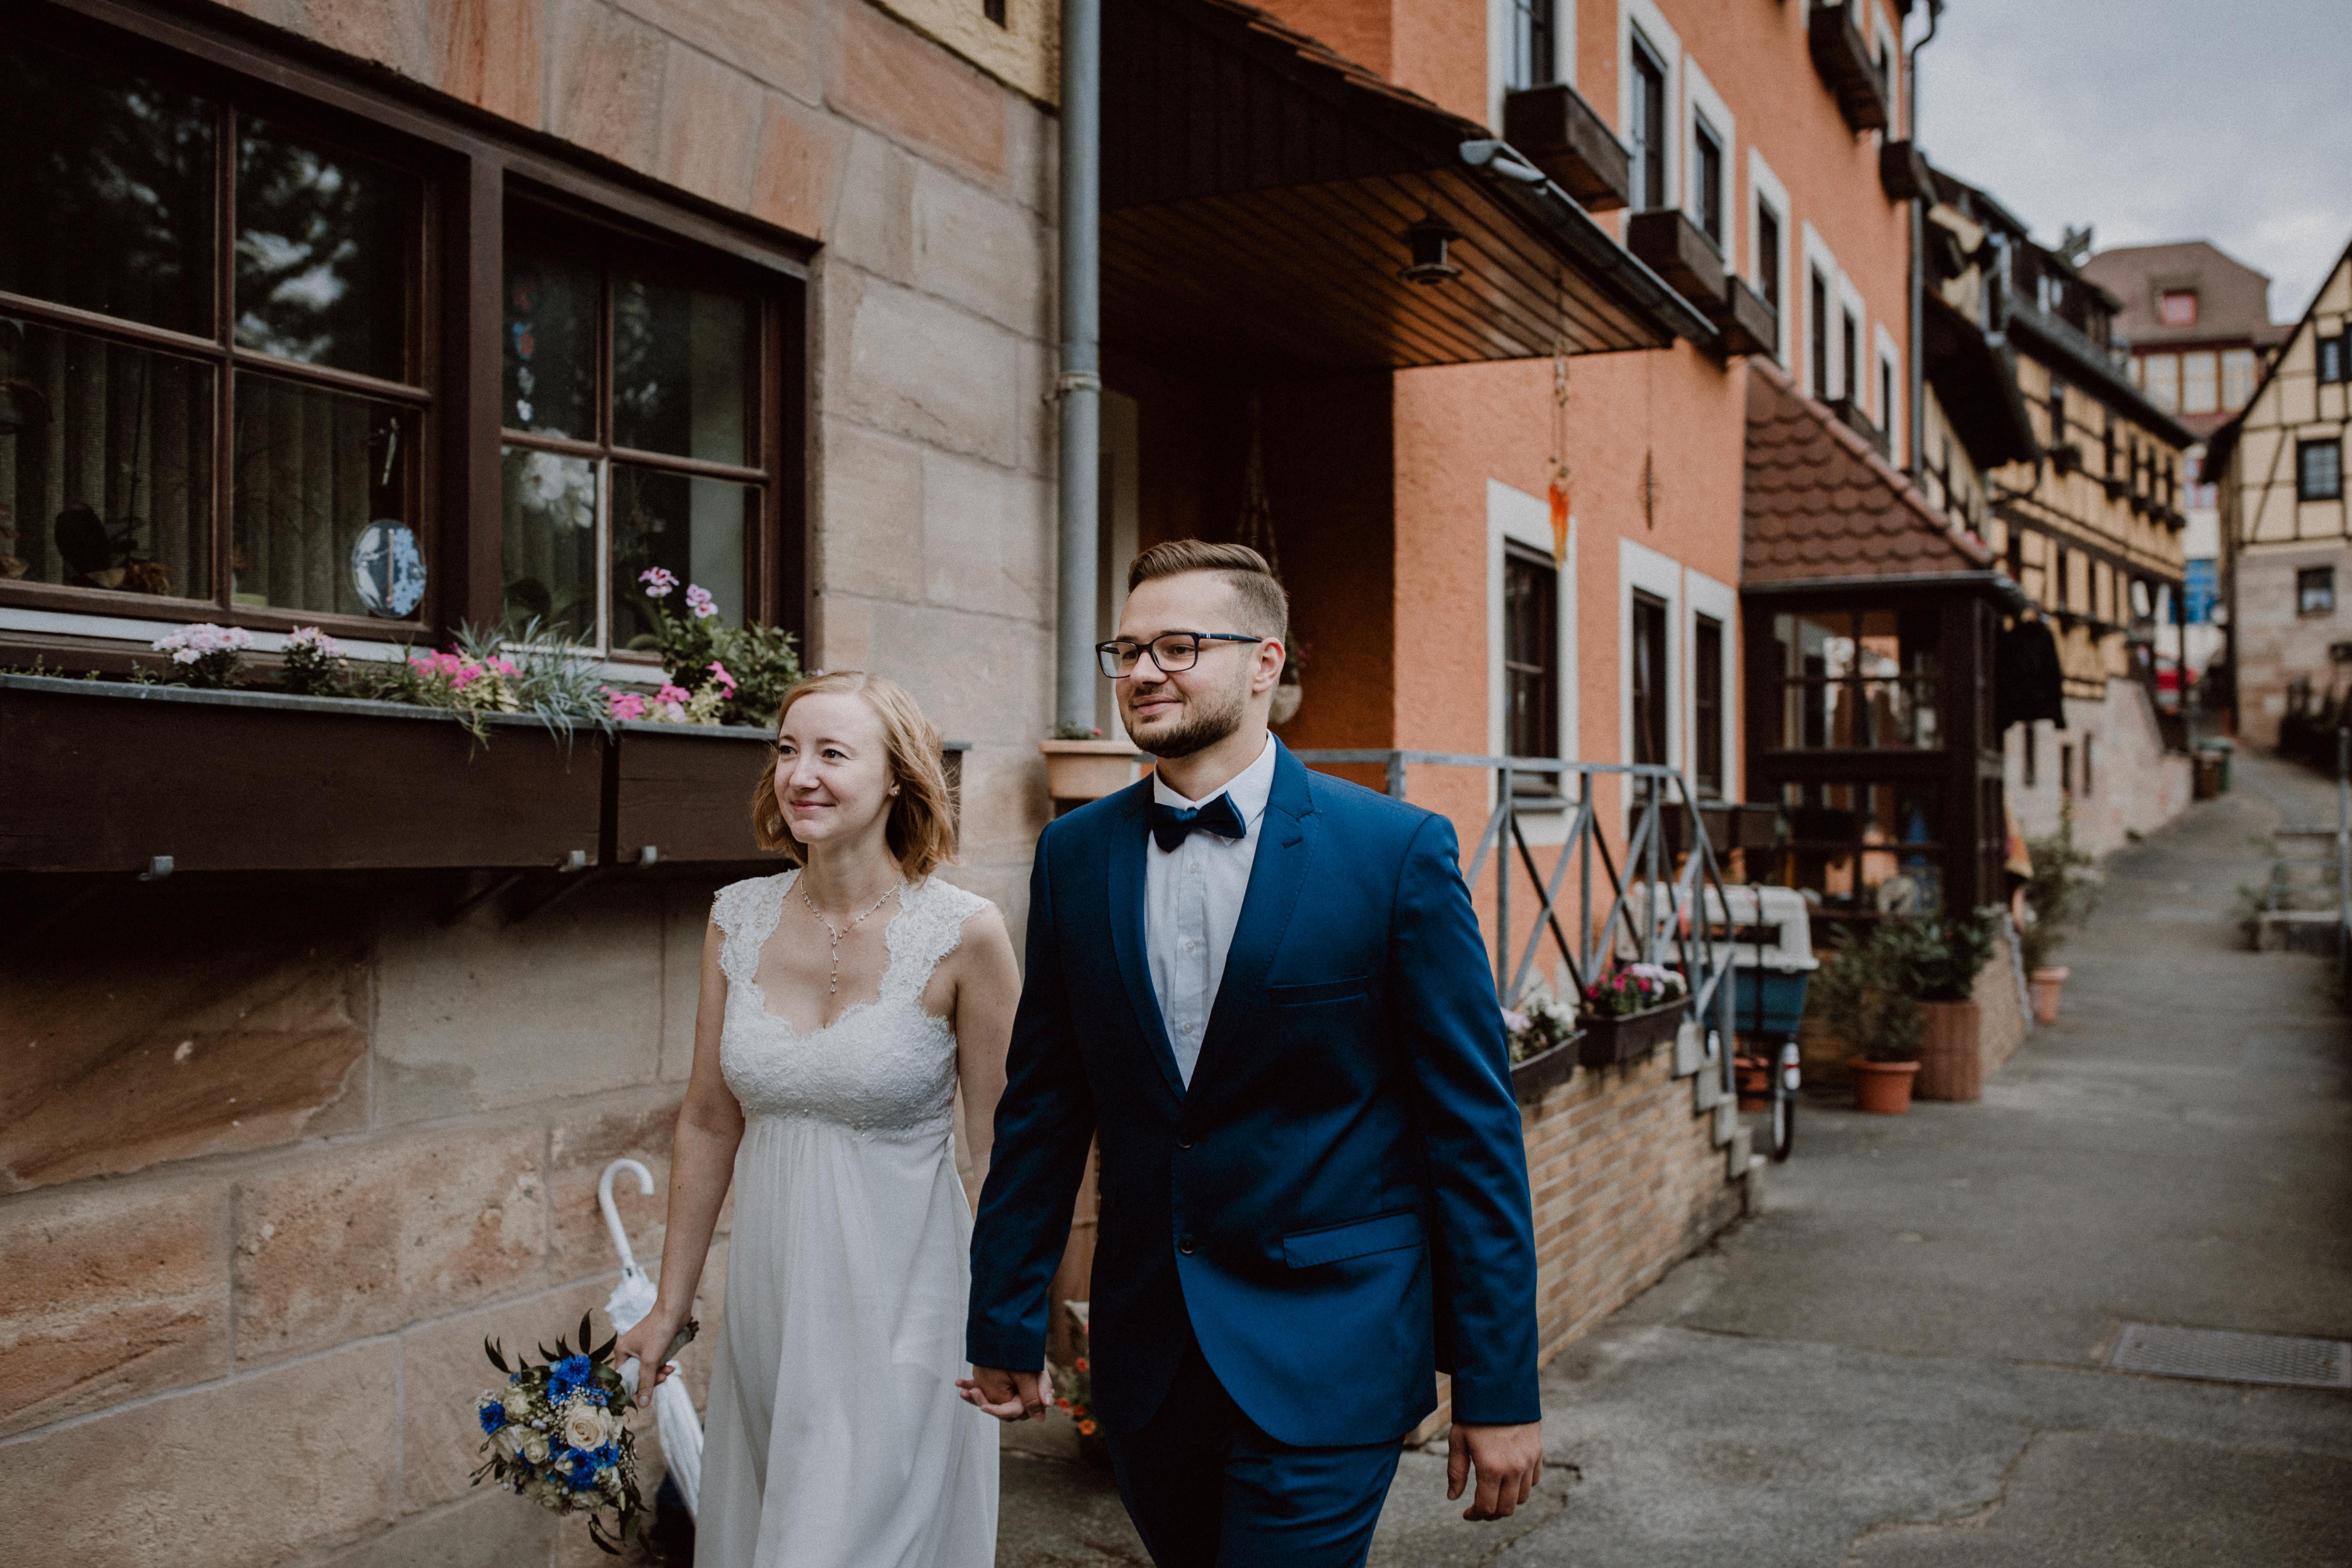 URBANERIE_Daniela_Goth_Hochzeitsfotografin_Nürnberg_Fürth_Erlangen_Schwabach_17907_0406